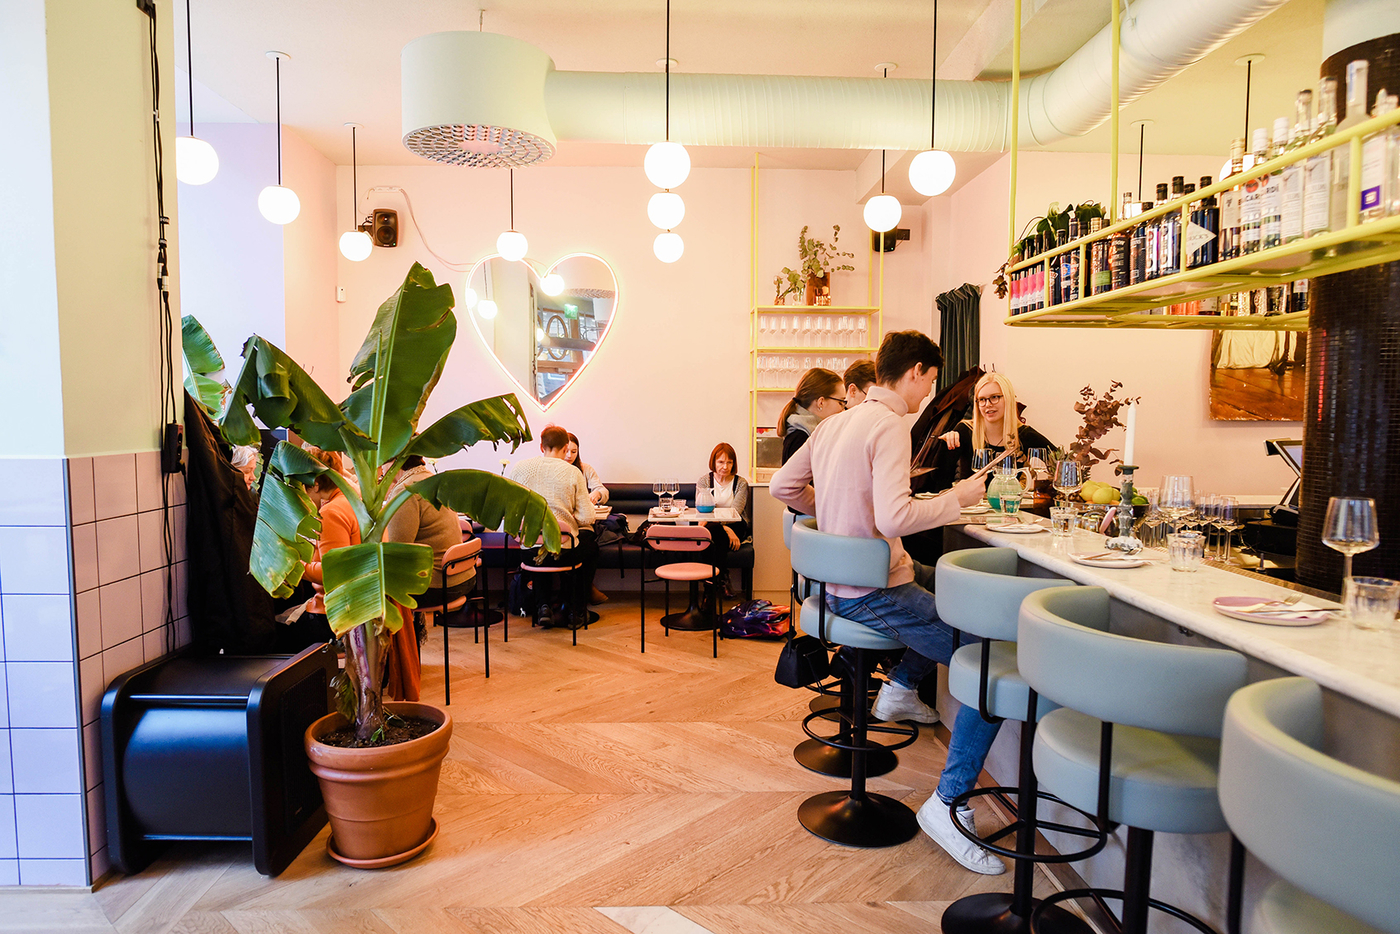 yesyesyes-ravintola-restaurant-helsinki-sundayblondie-2.jpg